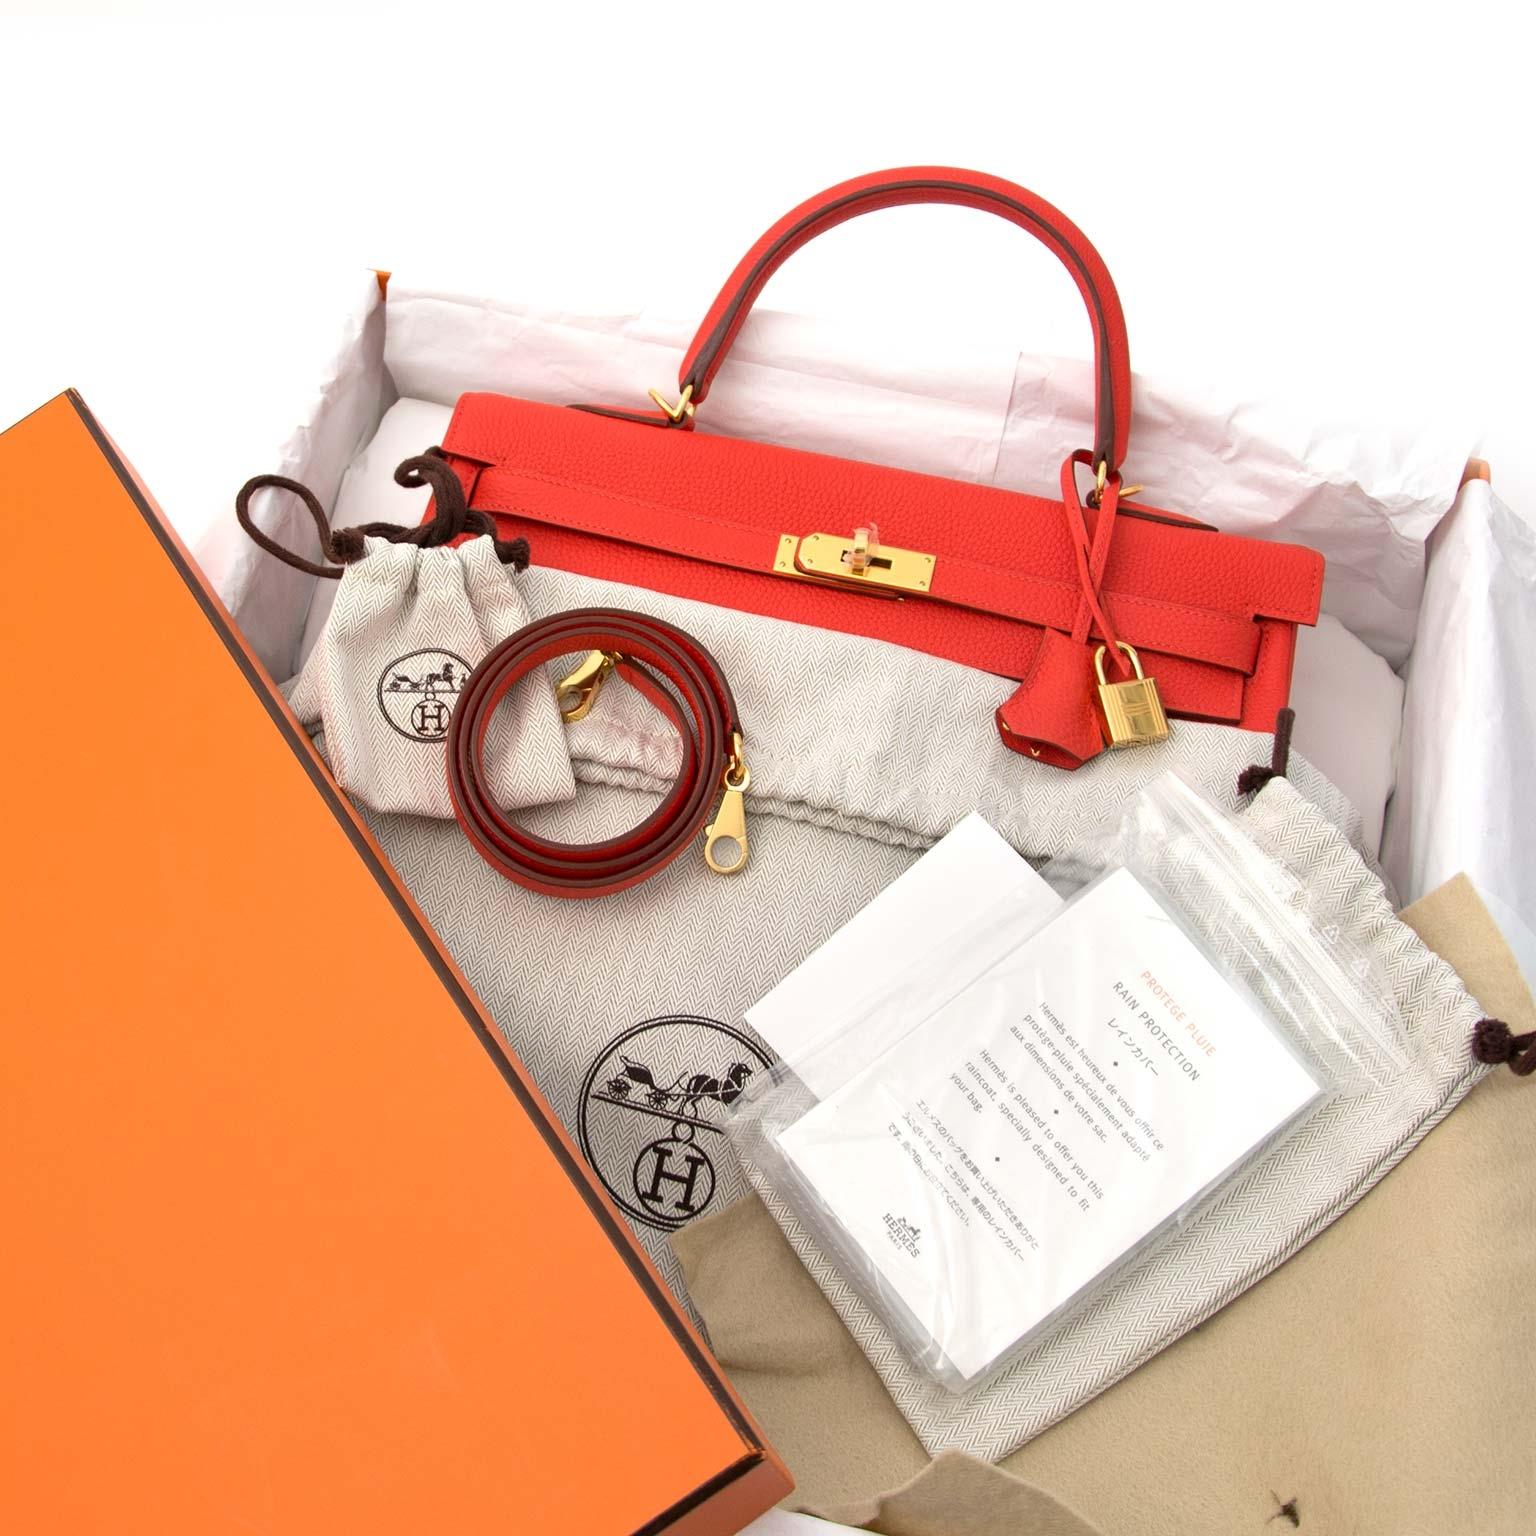 ... acheter en ligne chez labellov.com Hermès Kelly 35 Togo Capucine GHW  100% authentique a87773d13958c